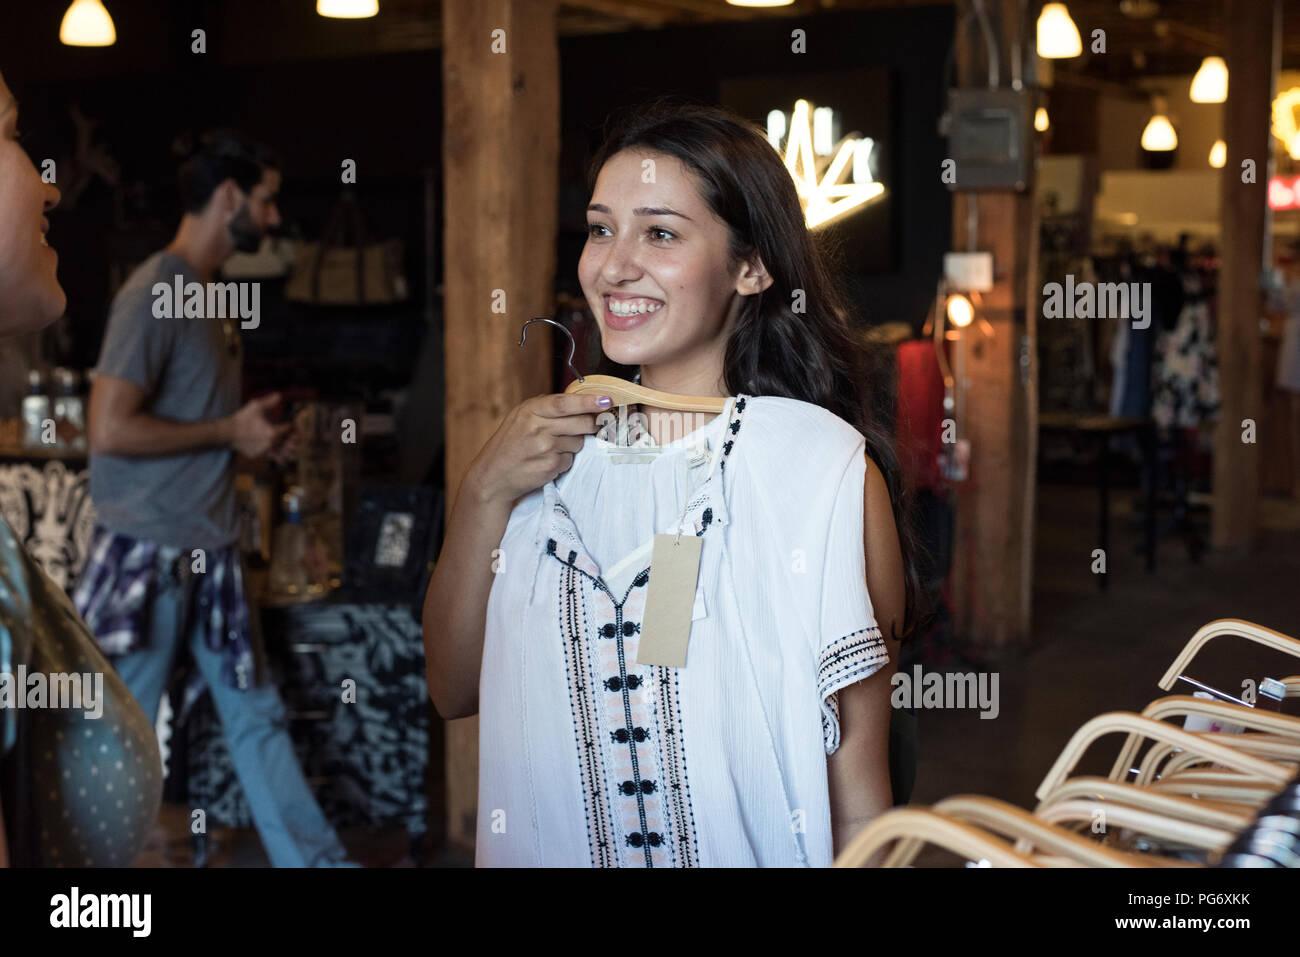 Para Joven Feliz Un La Nueva De Compras Mujer Ropa Amigo Con nqfxpxC